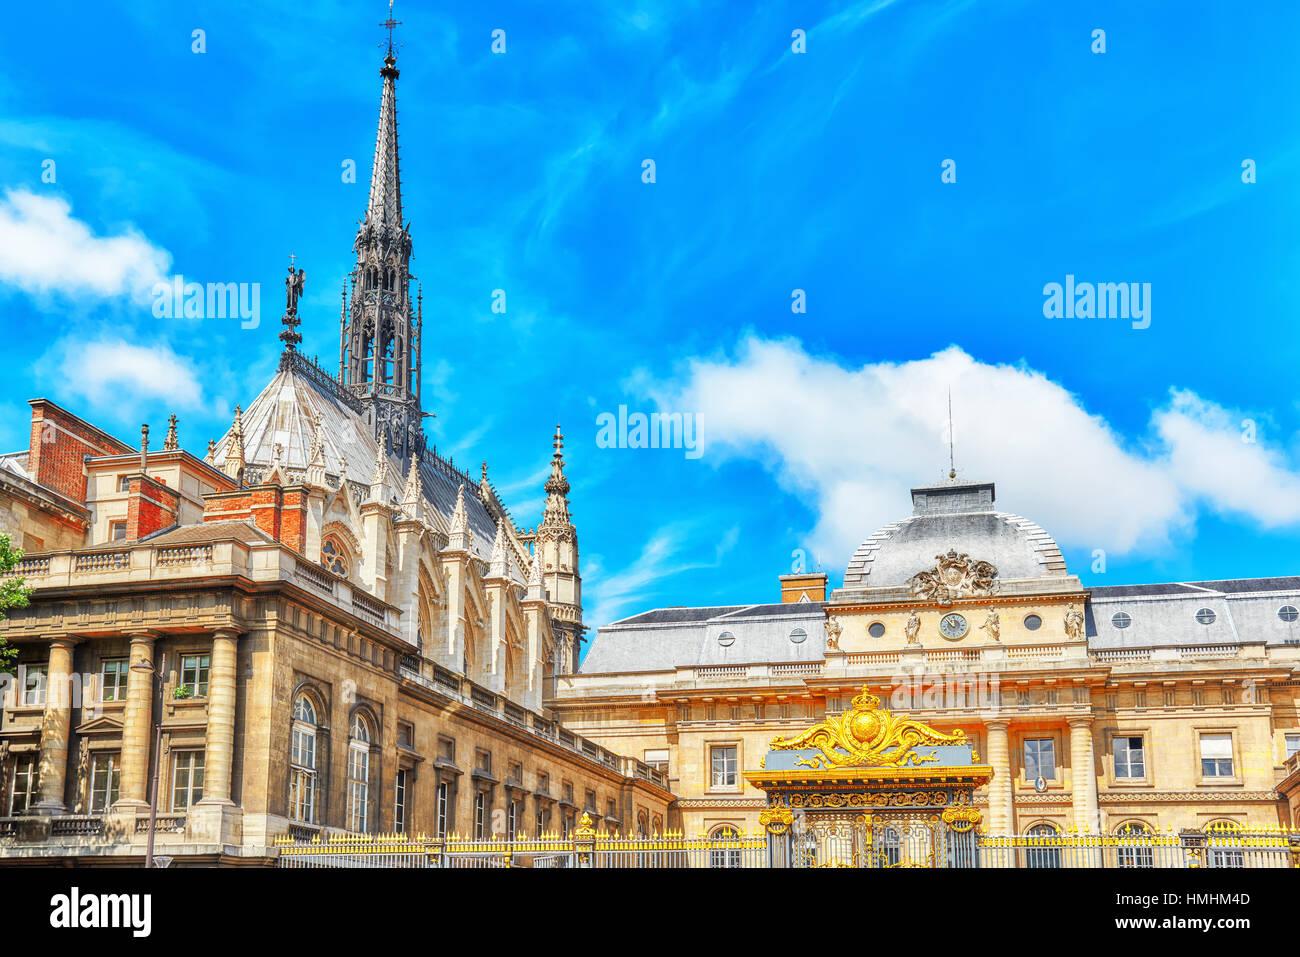 Paris Courthouse (Palais de Justice de Paris) in Paris. France. - Stock Image